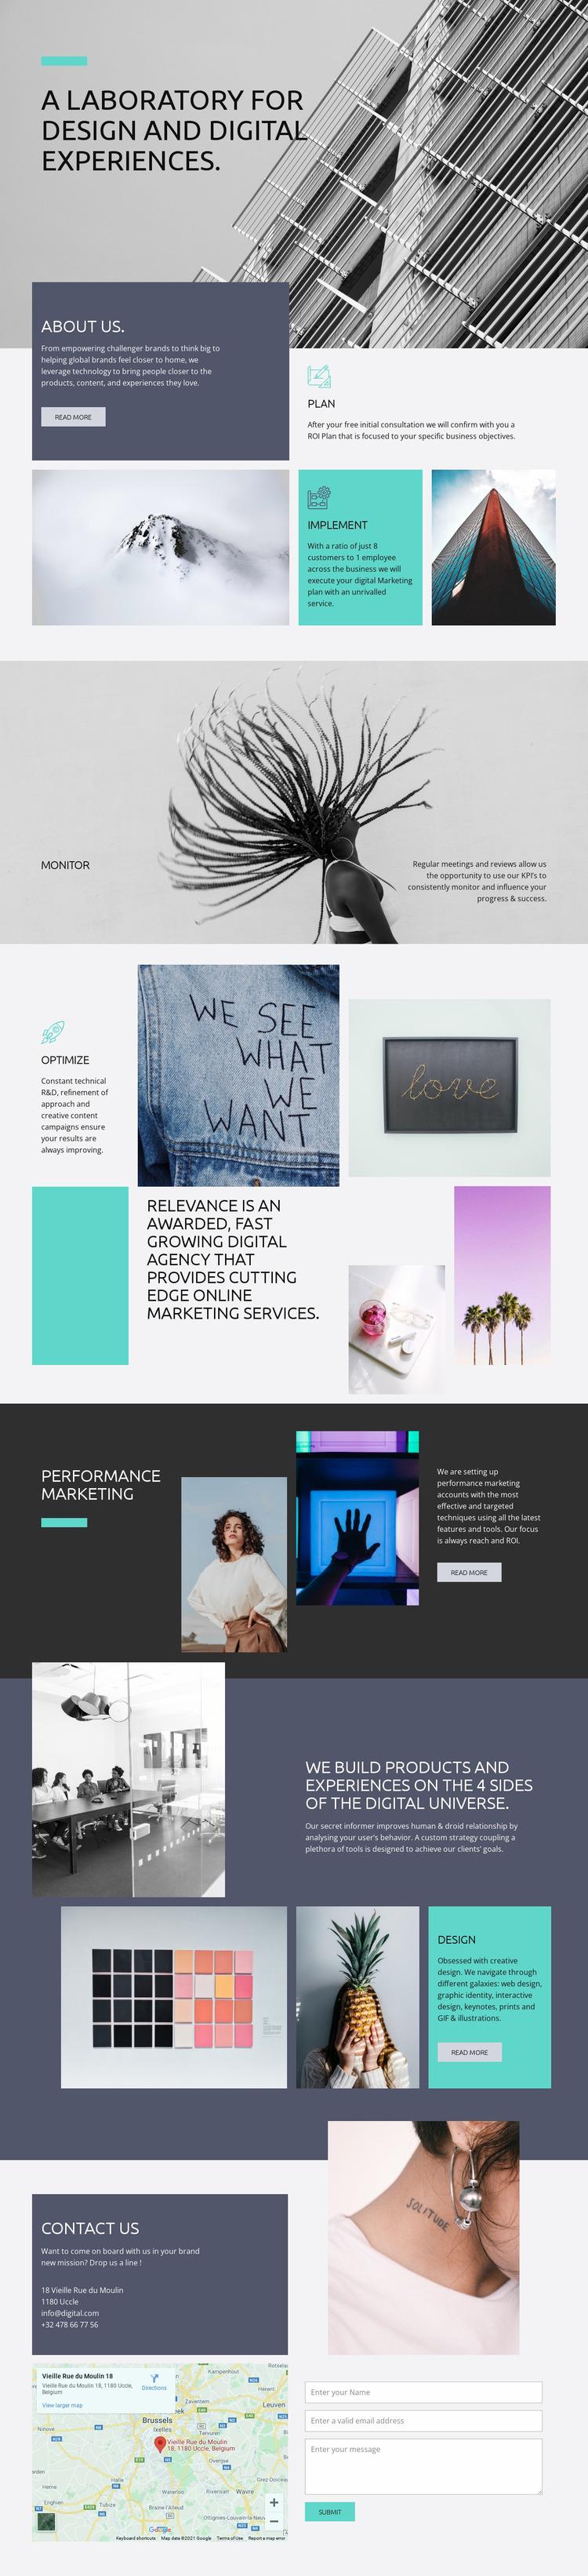 Creative lab for digital art Website Mockup